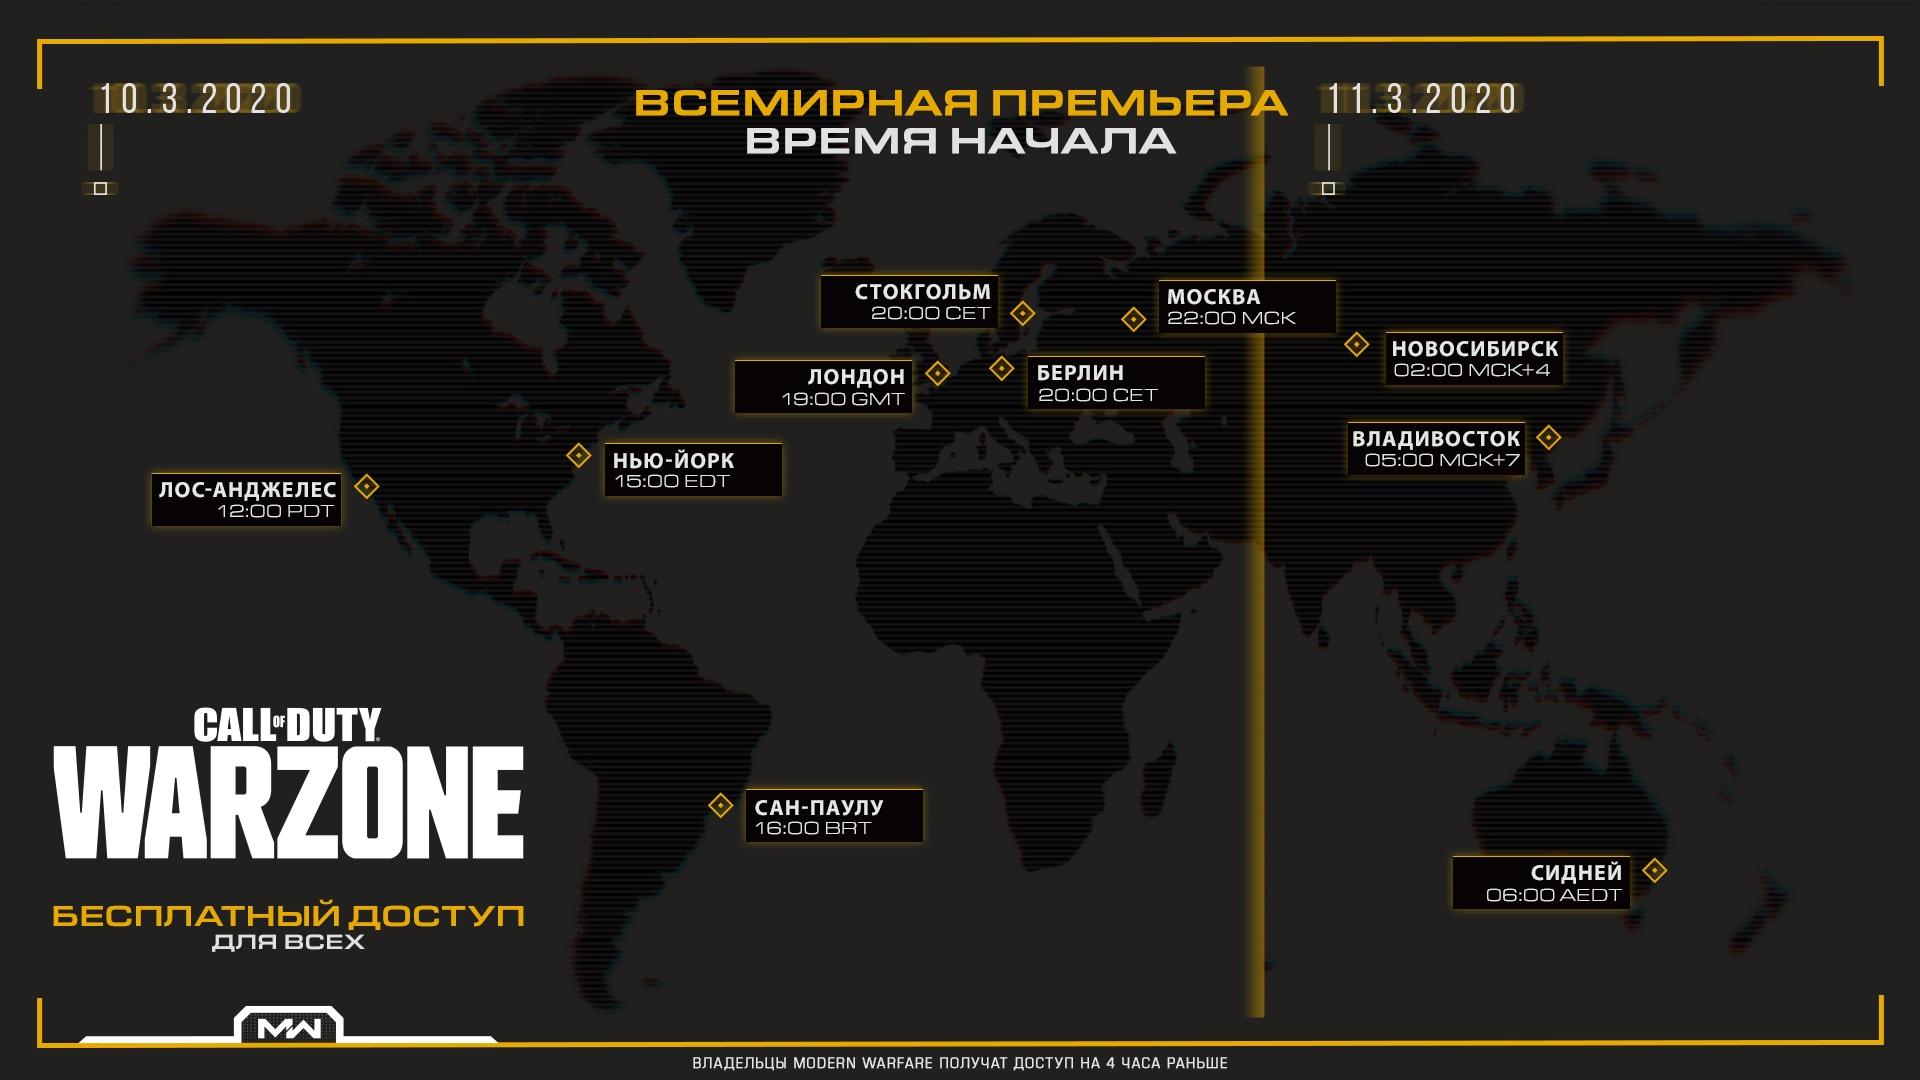 Карта мира с датами выхода игры.